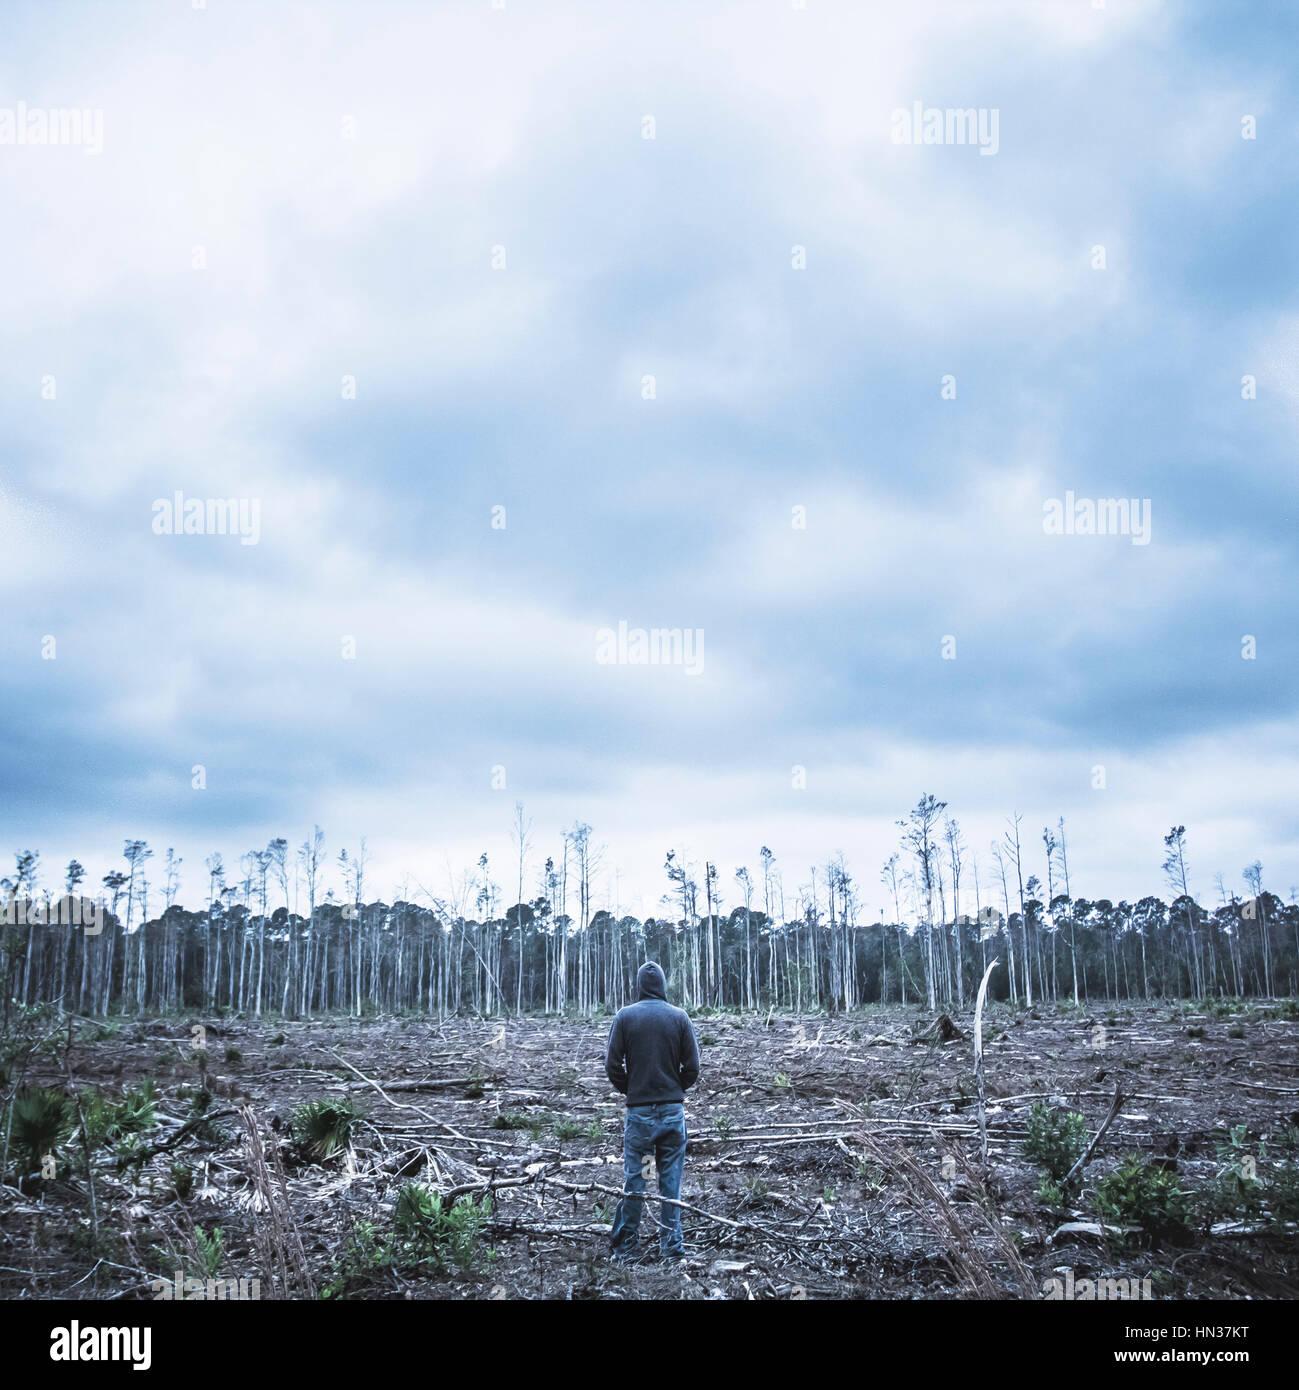 Homme debout seul au milieu d'une scène de la déforestation Photo Stock